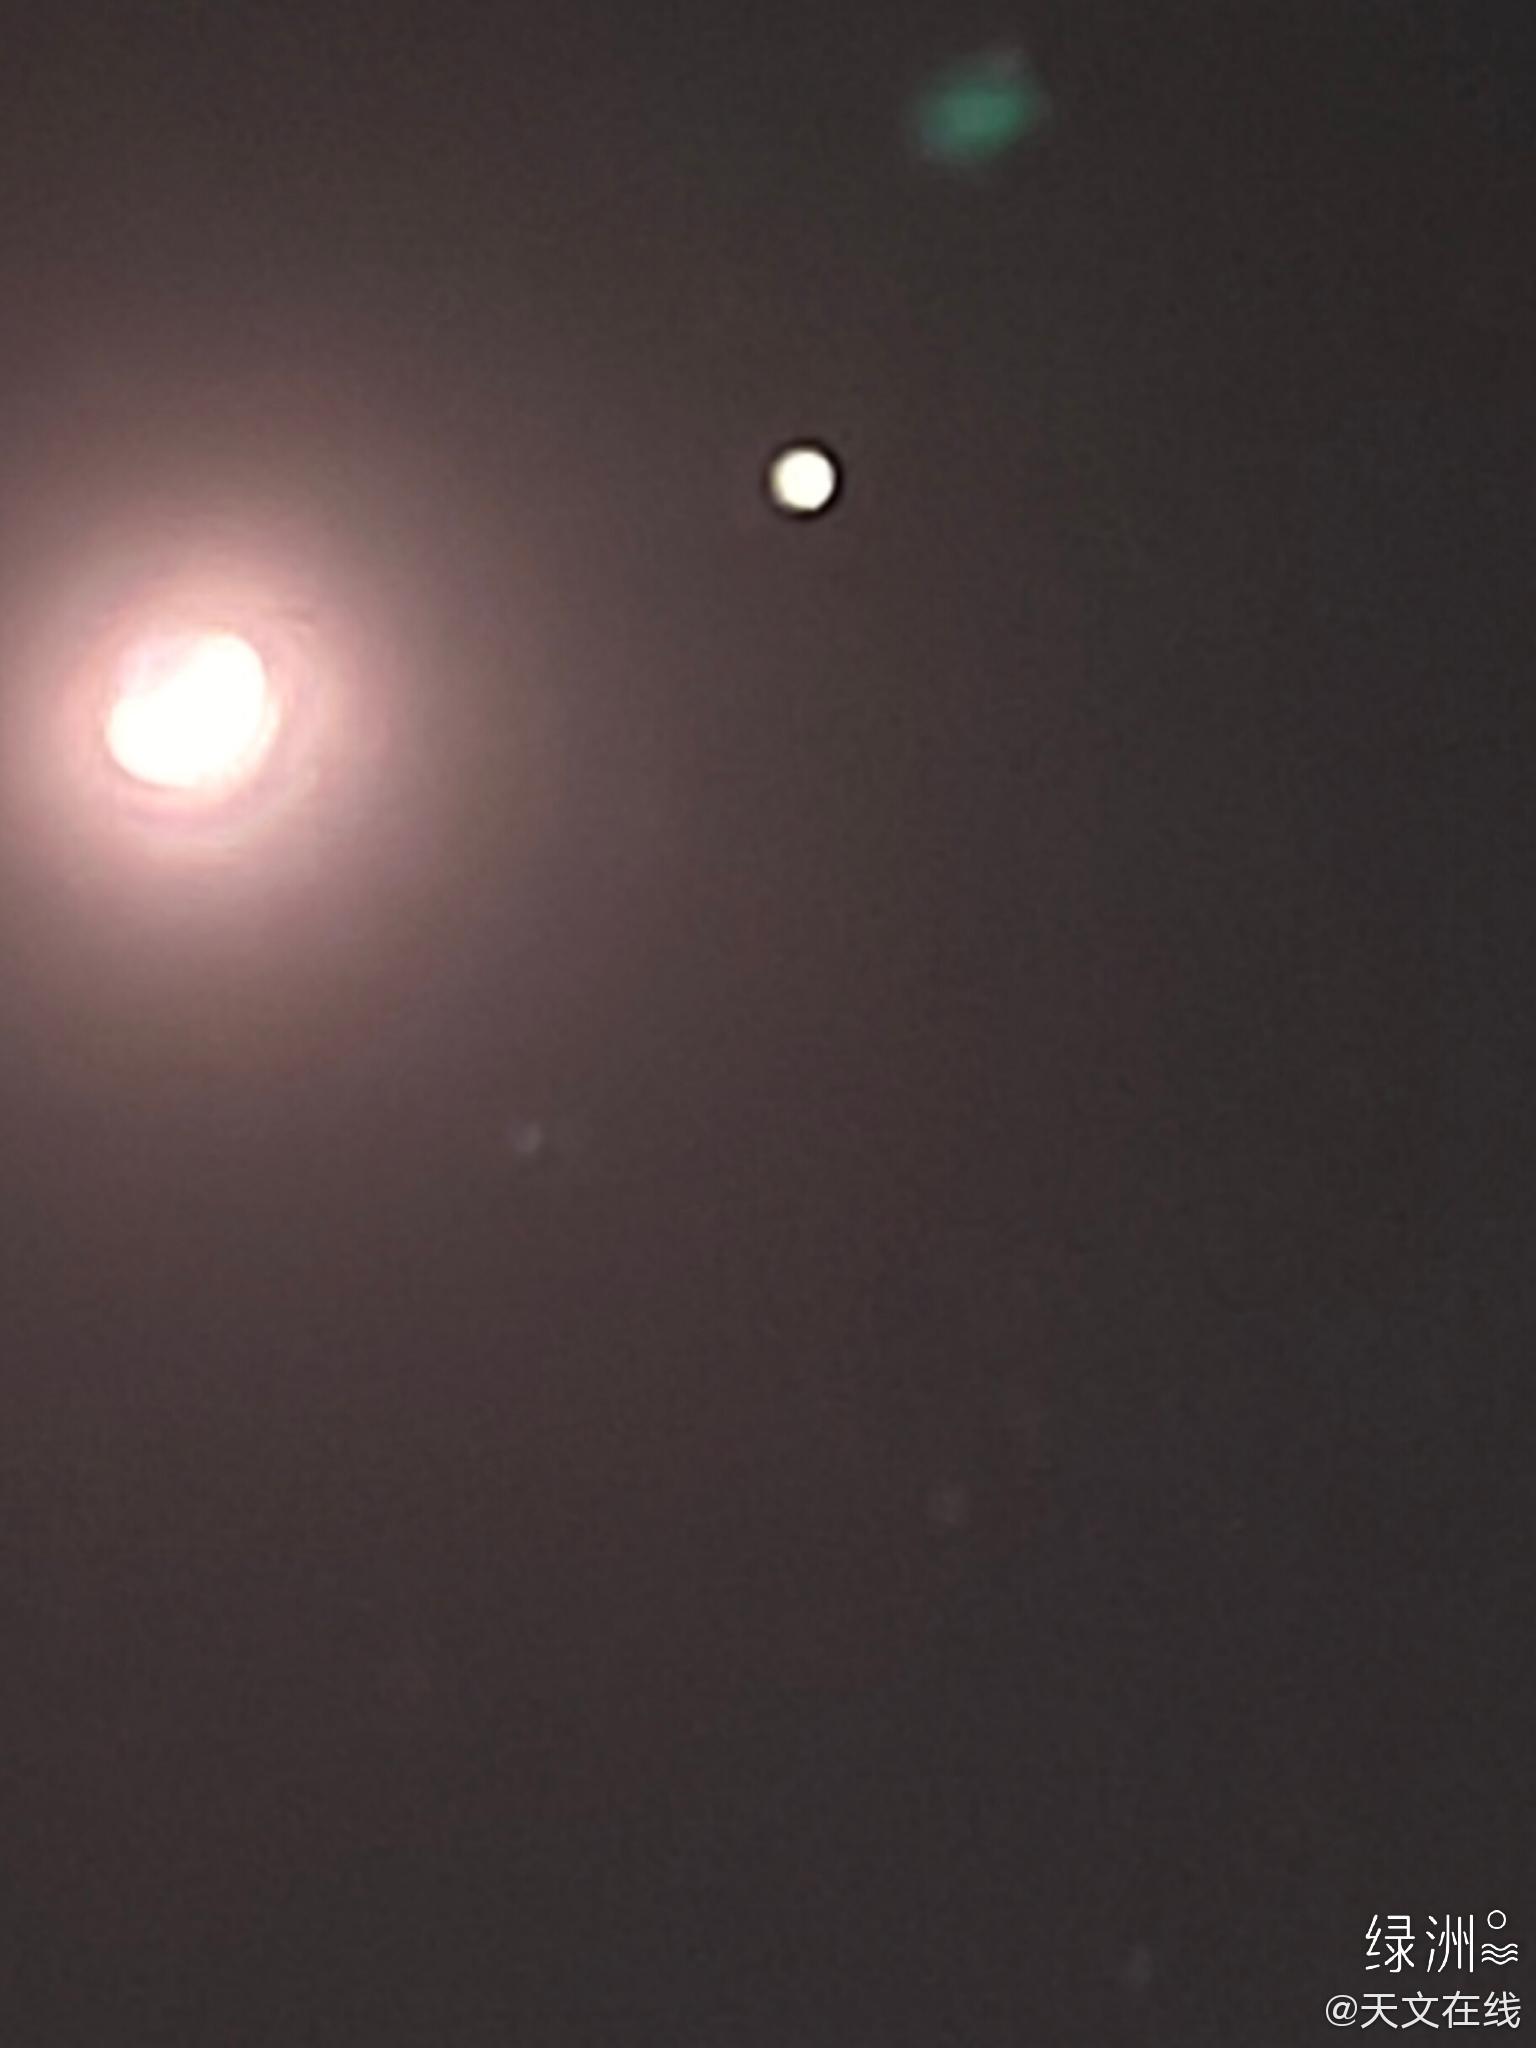 这里是抚仙湖!今晚的双星伴月,双星为木星和土星